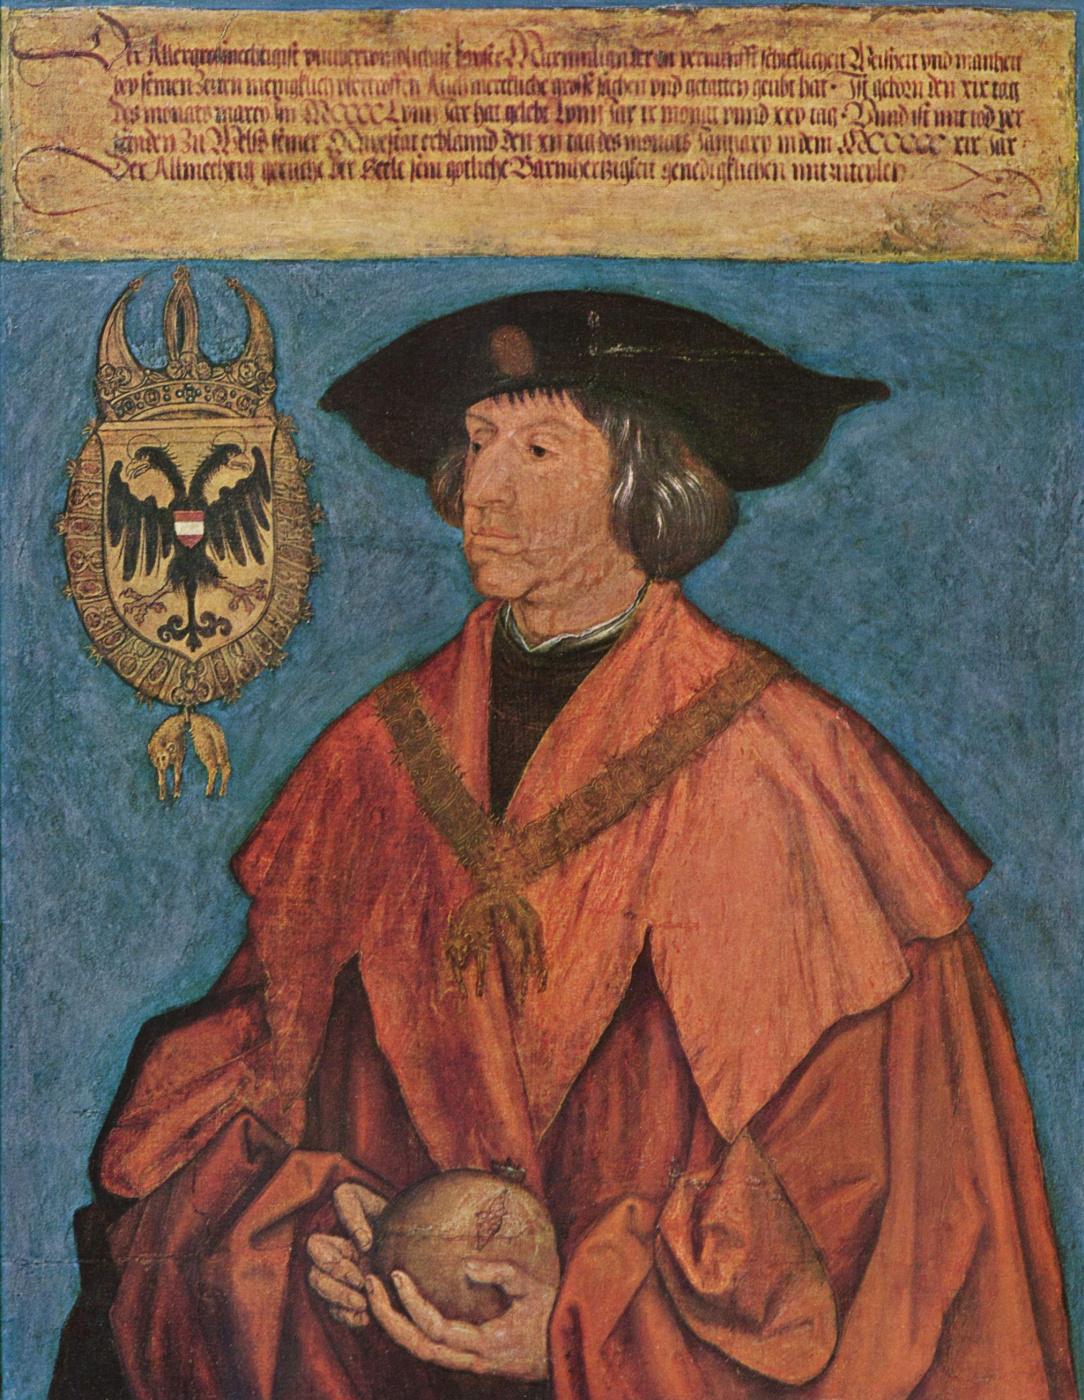 Albrecht Dürer. Portrait of the Emperor Maximilian the First